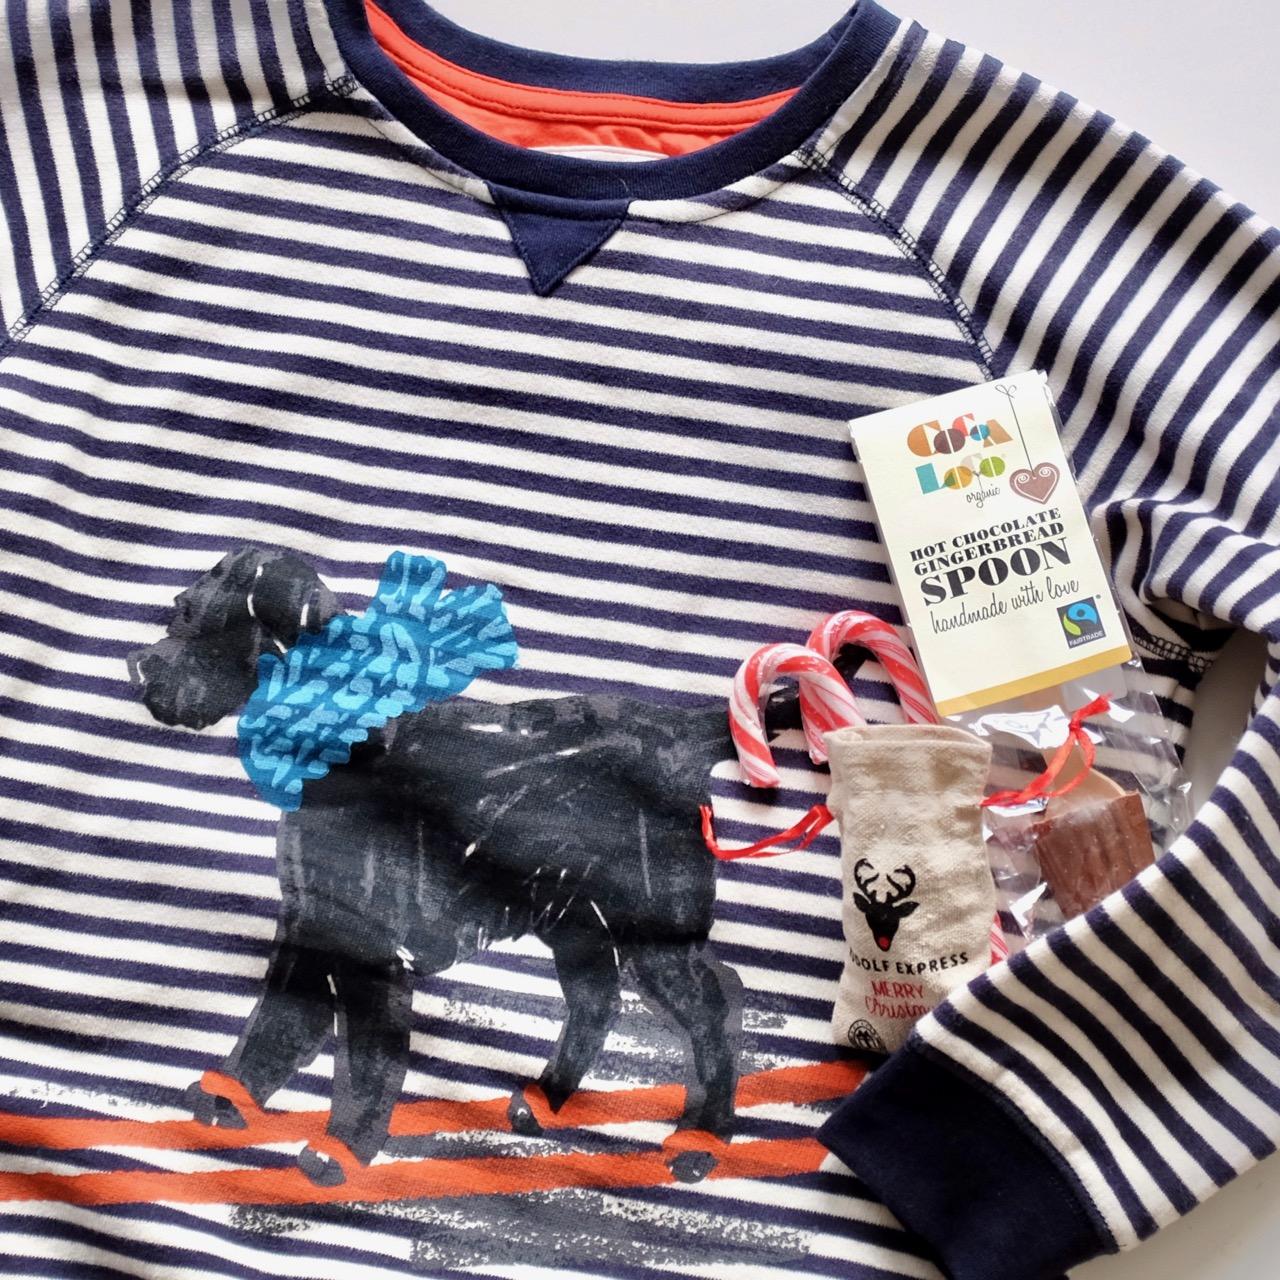 White Stuff: Stuff & Wonder Children's range